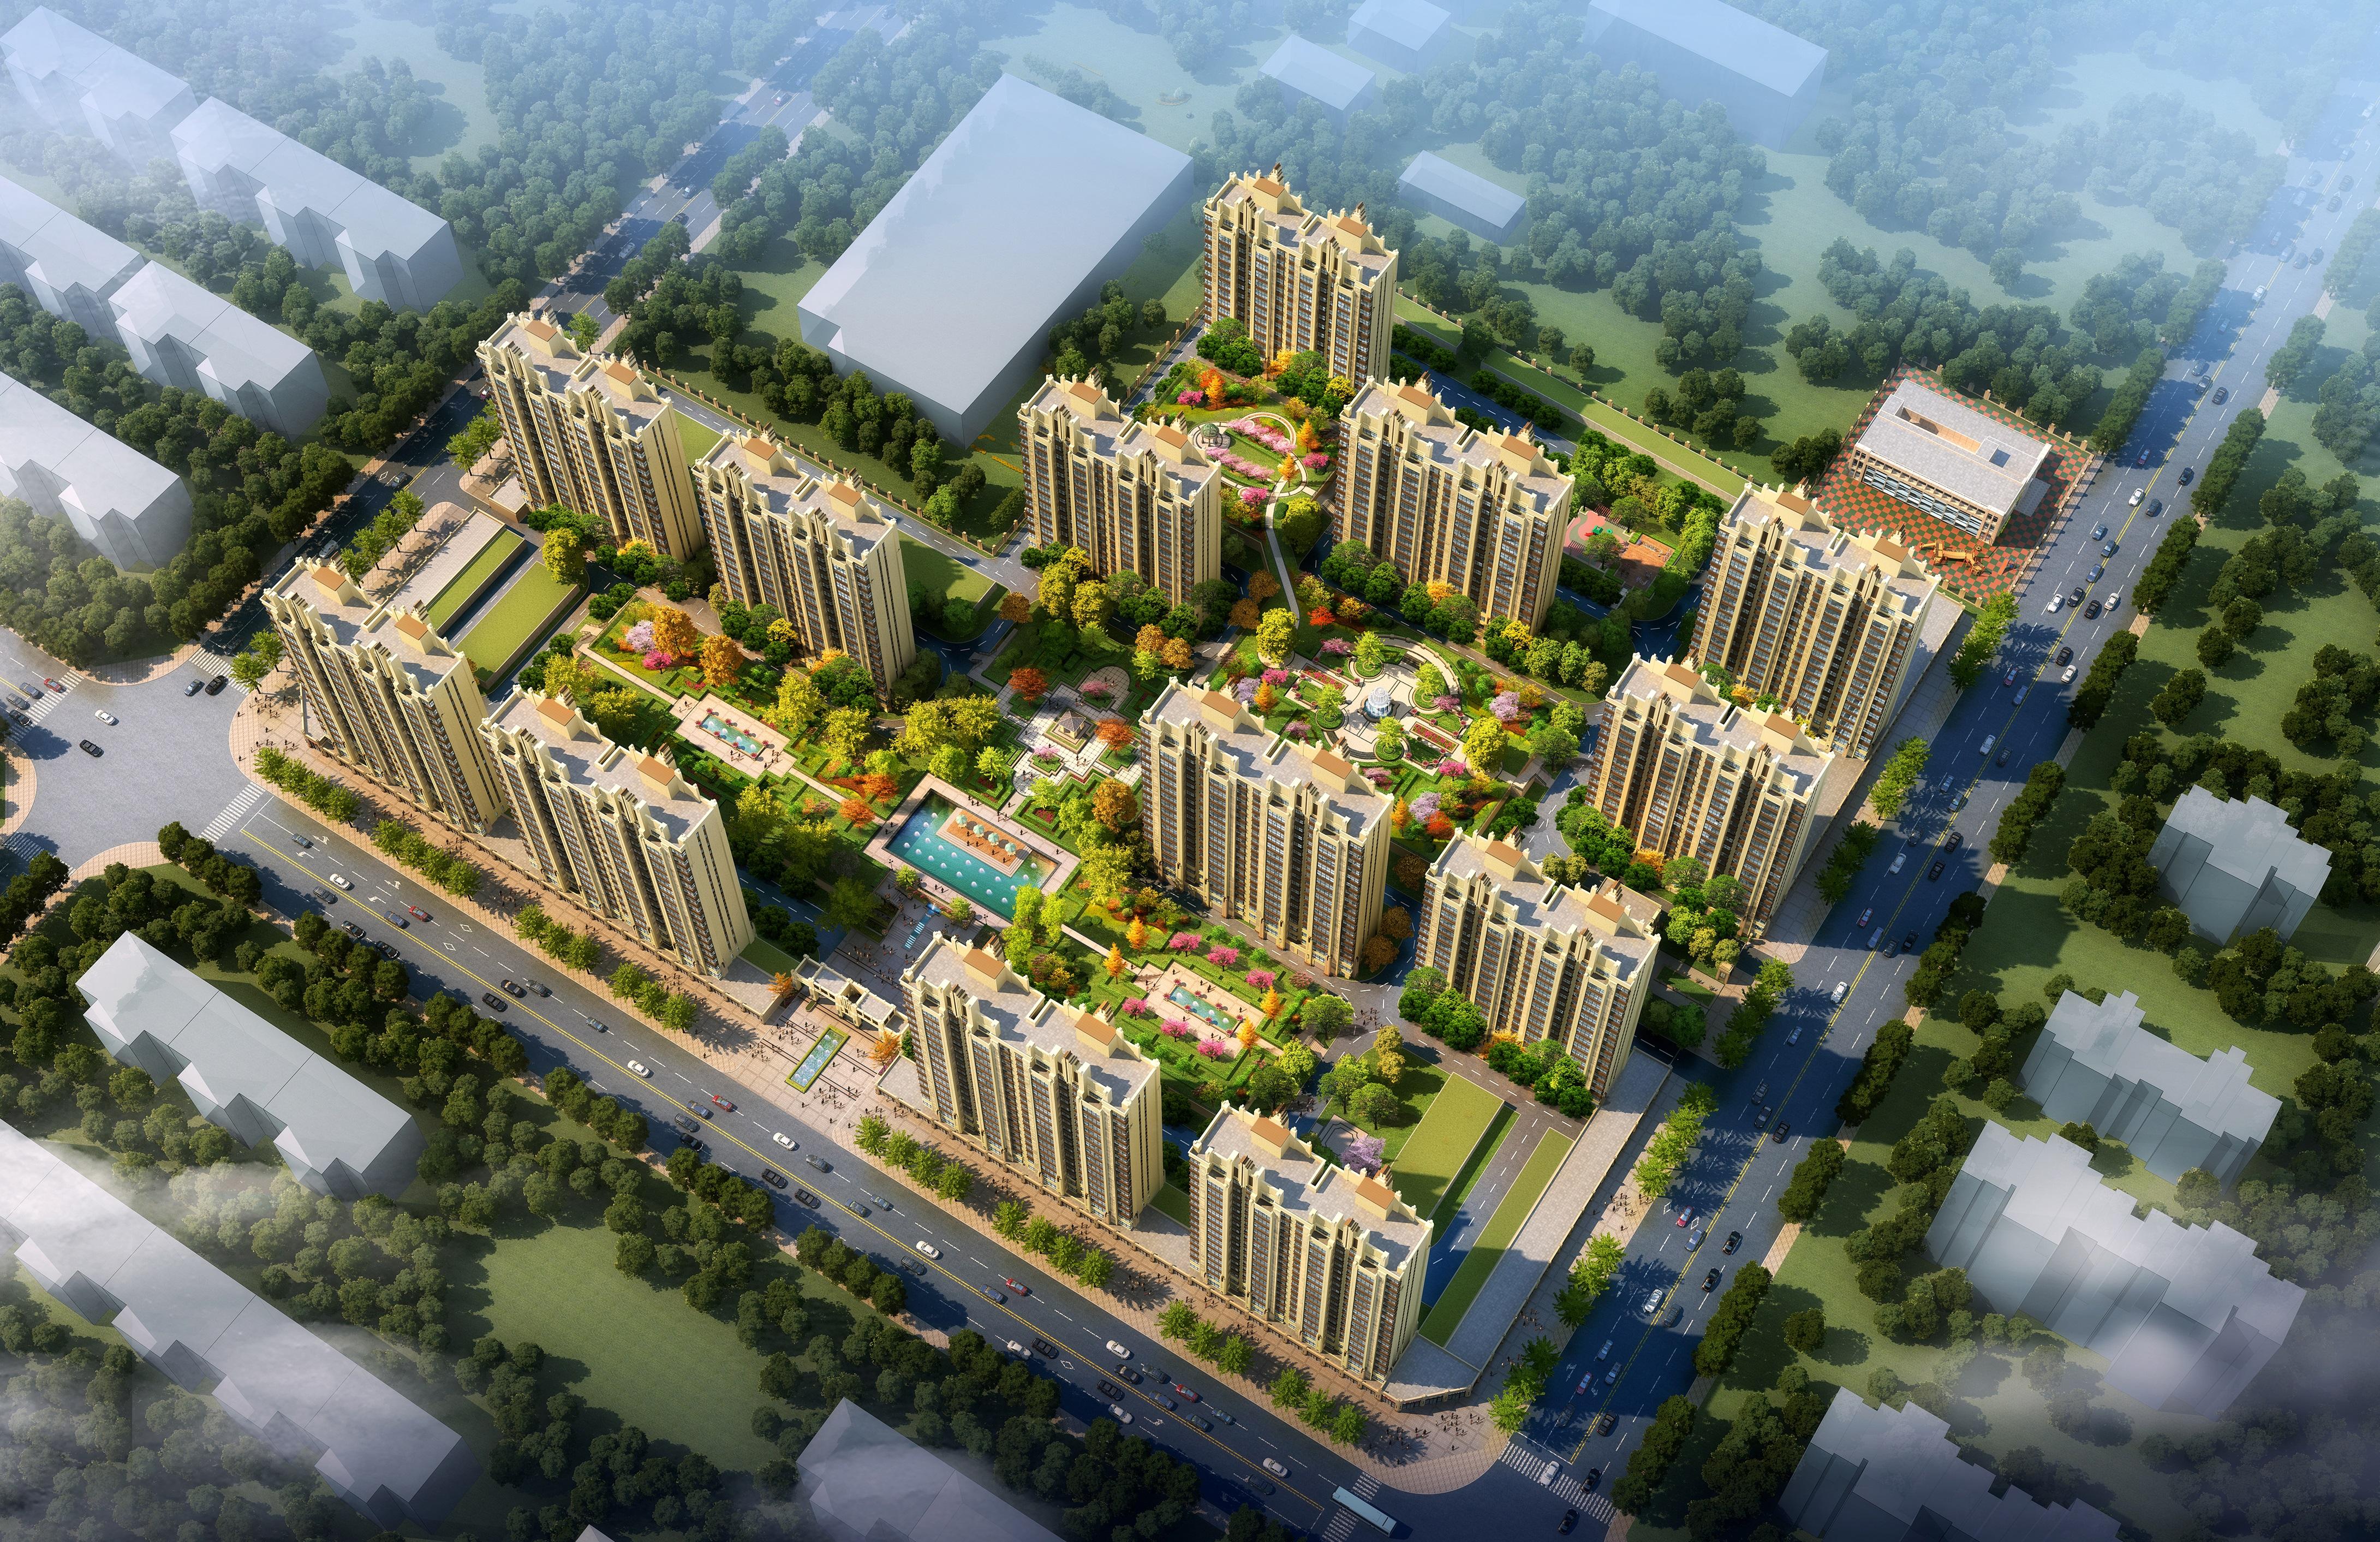 王双燕河北省衡水市罗兰公馆住宅项目电梯采购及安装工程